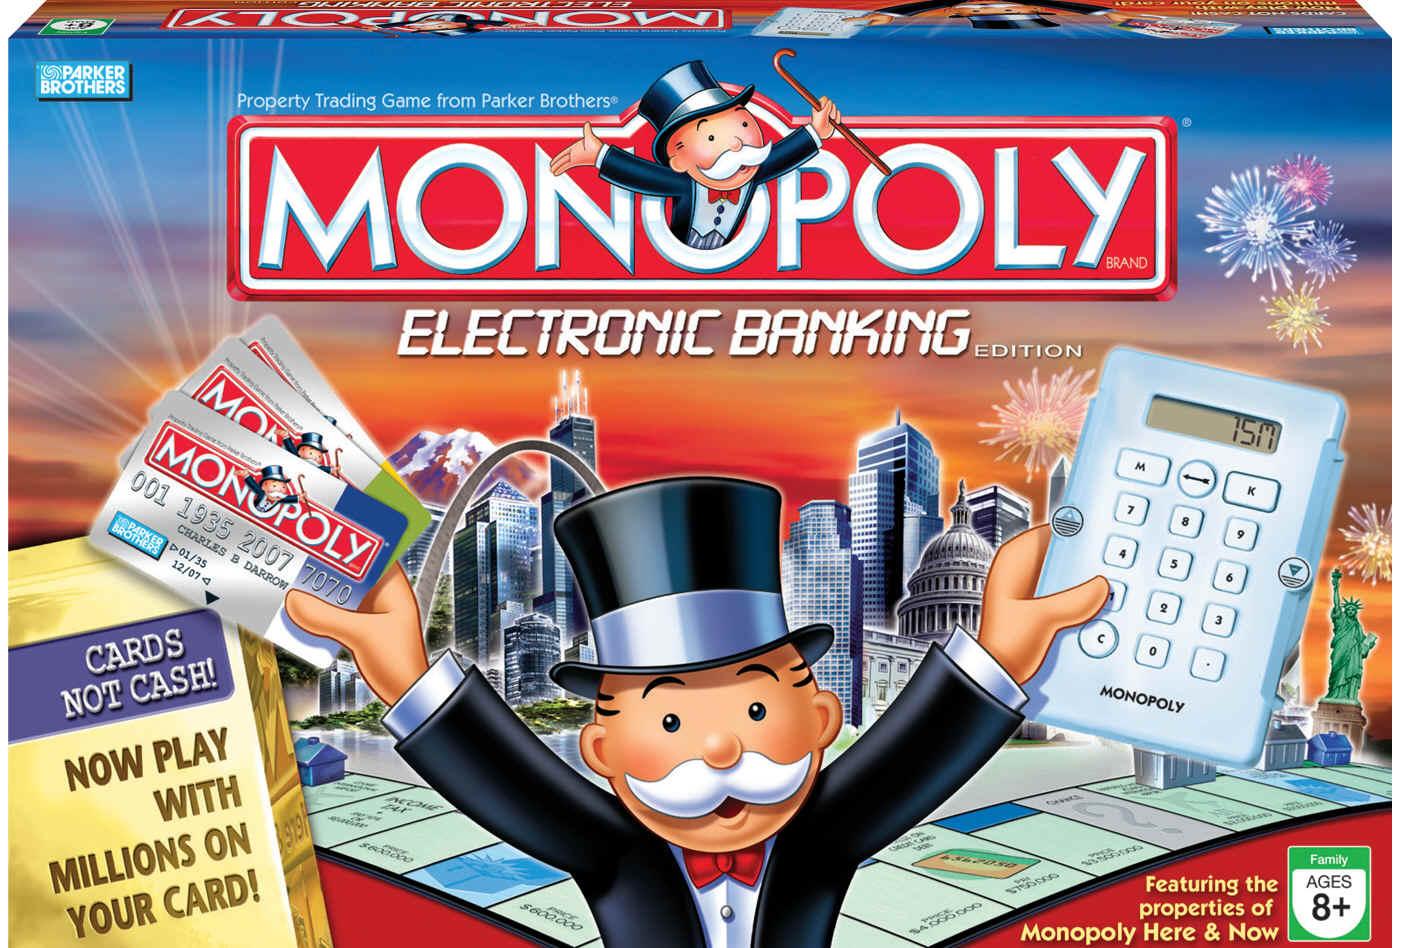 Monopoly es un juego de mesa de bienes raíces, hoy en día producido